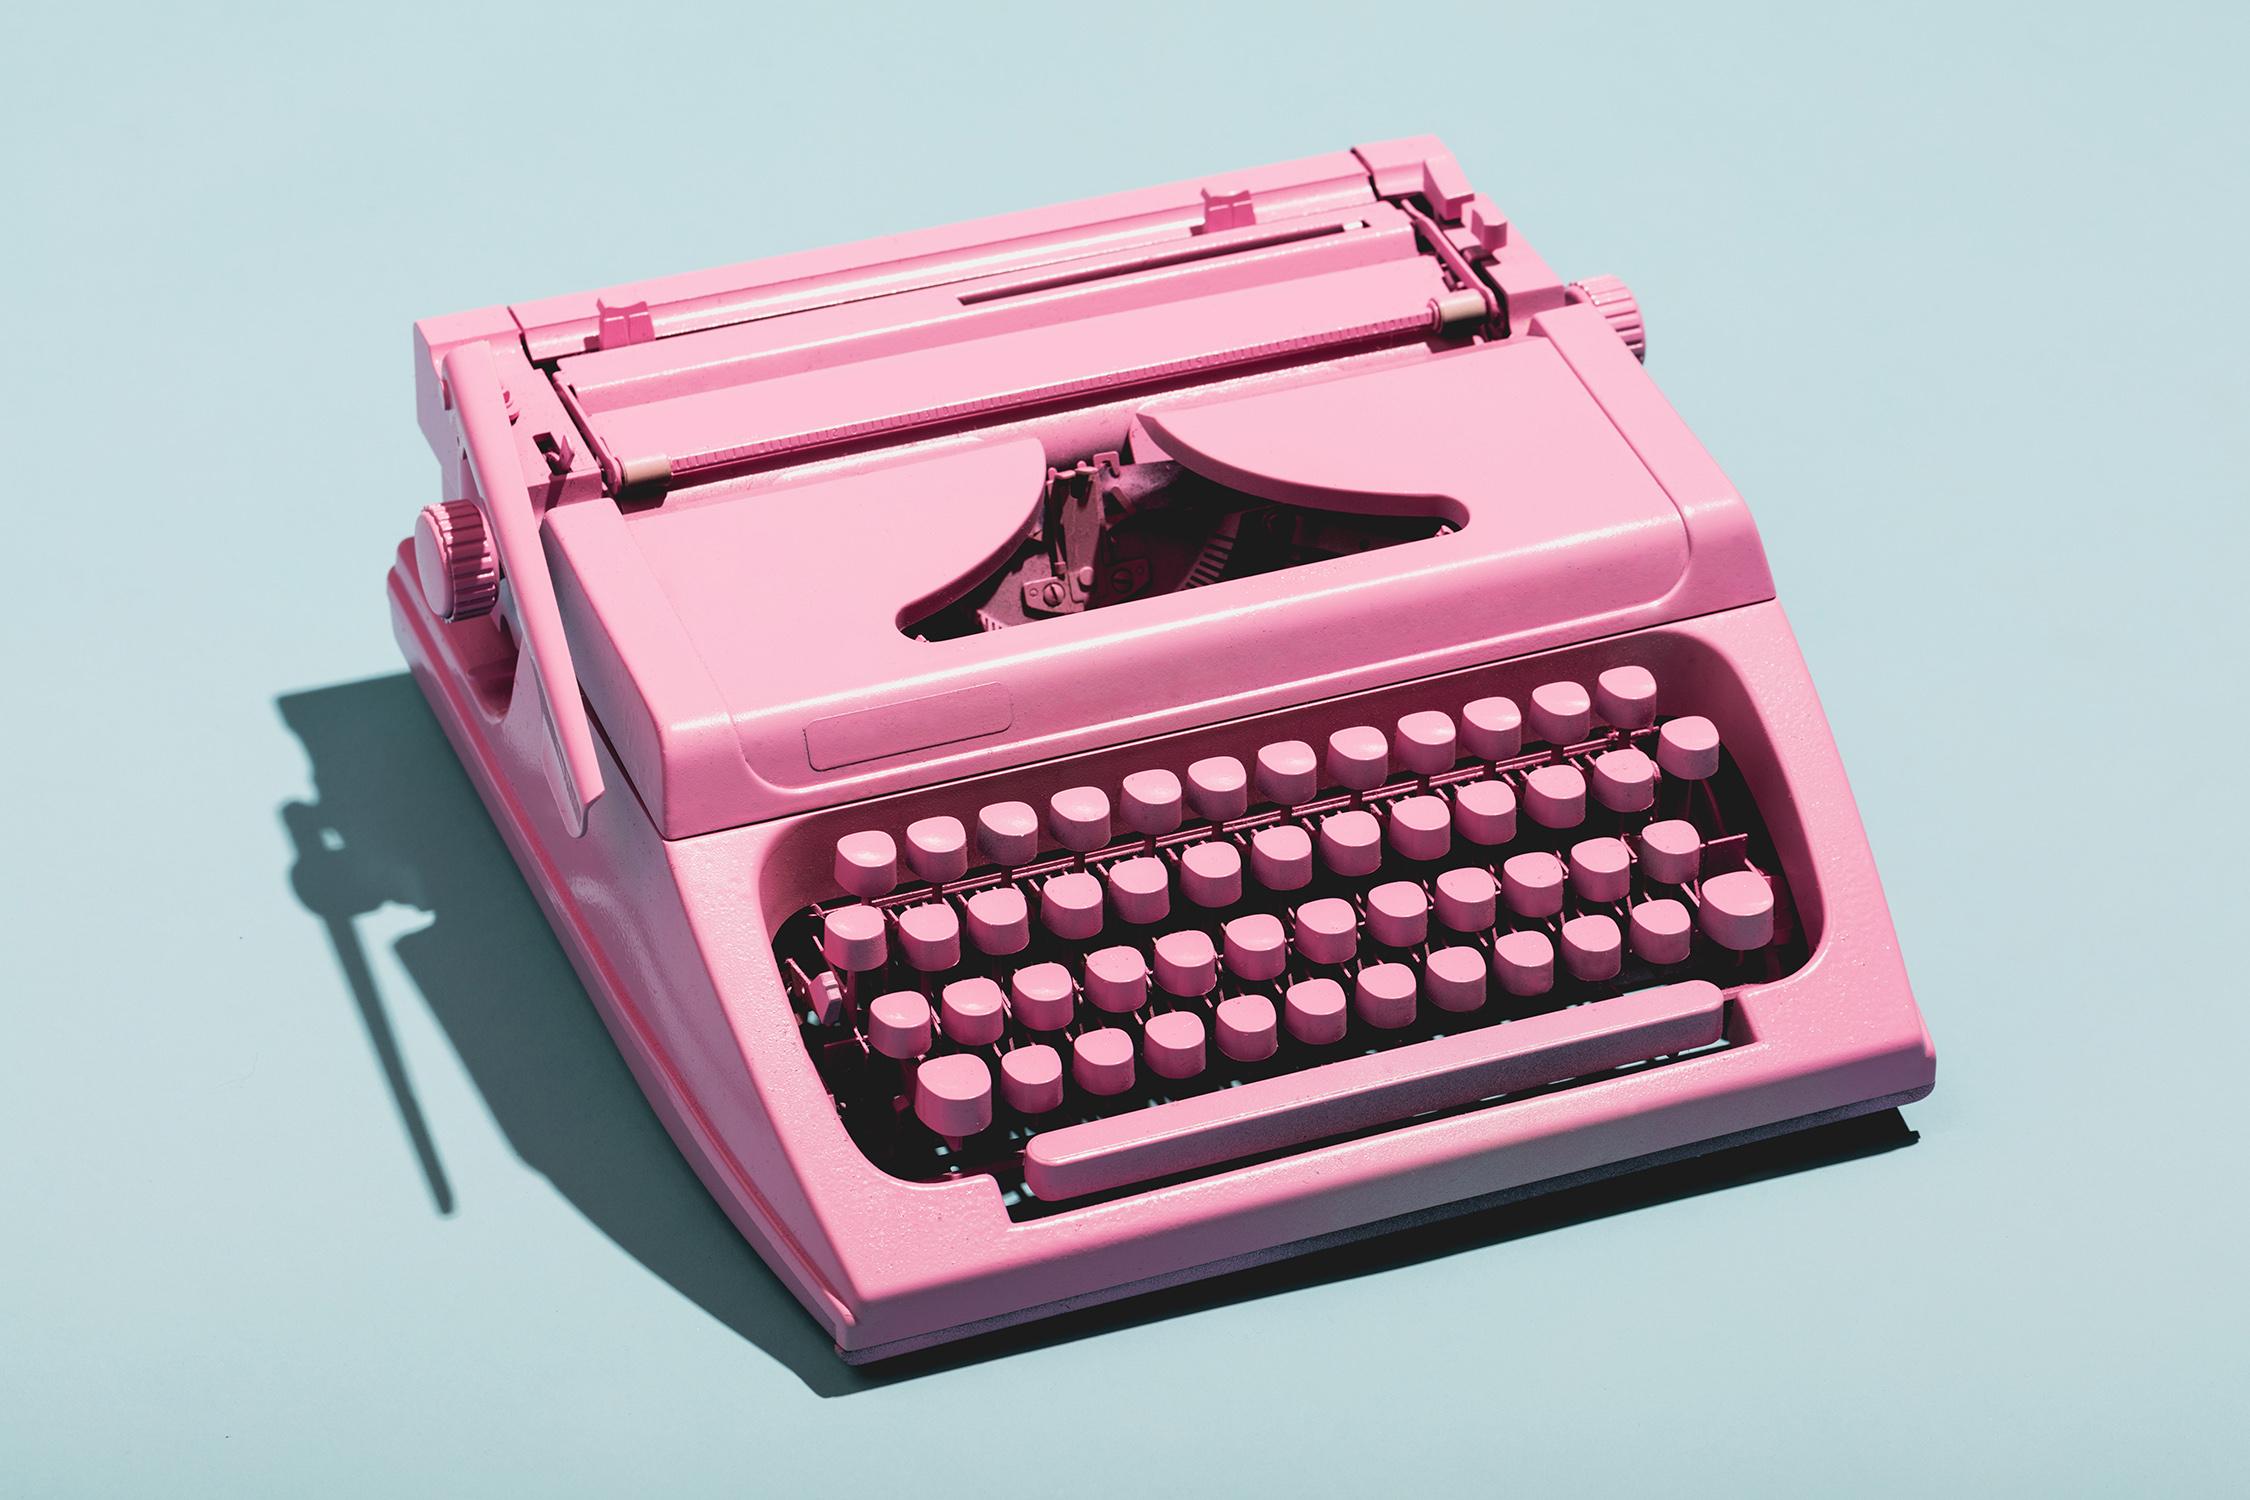 El Libro Amarillo Tendencias de Color Primavera 2021 Pastel-Neón maquina de escribir antigua color rosa